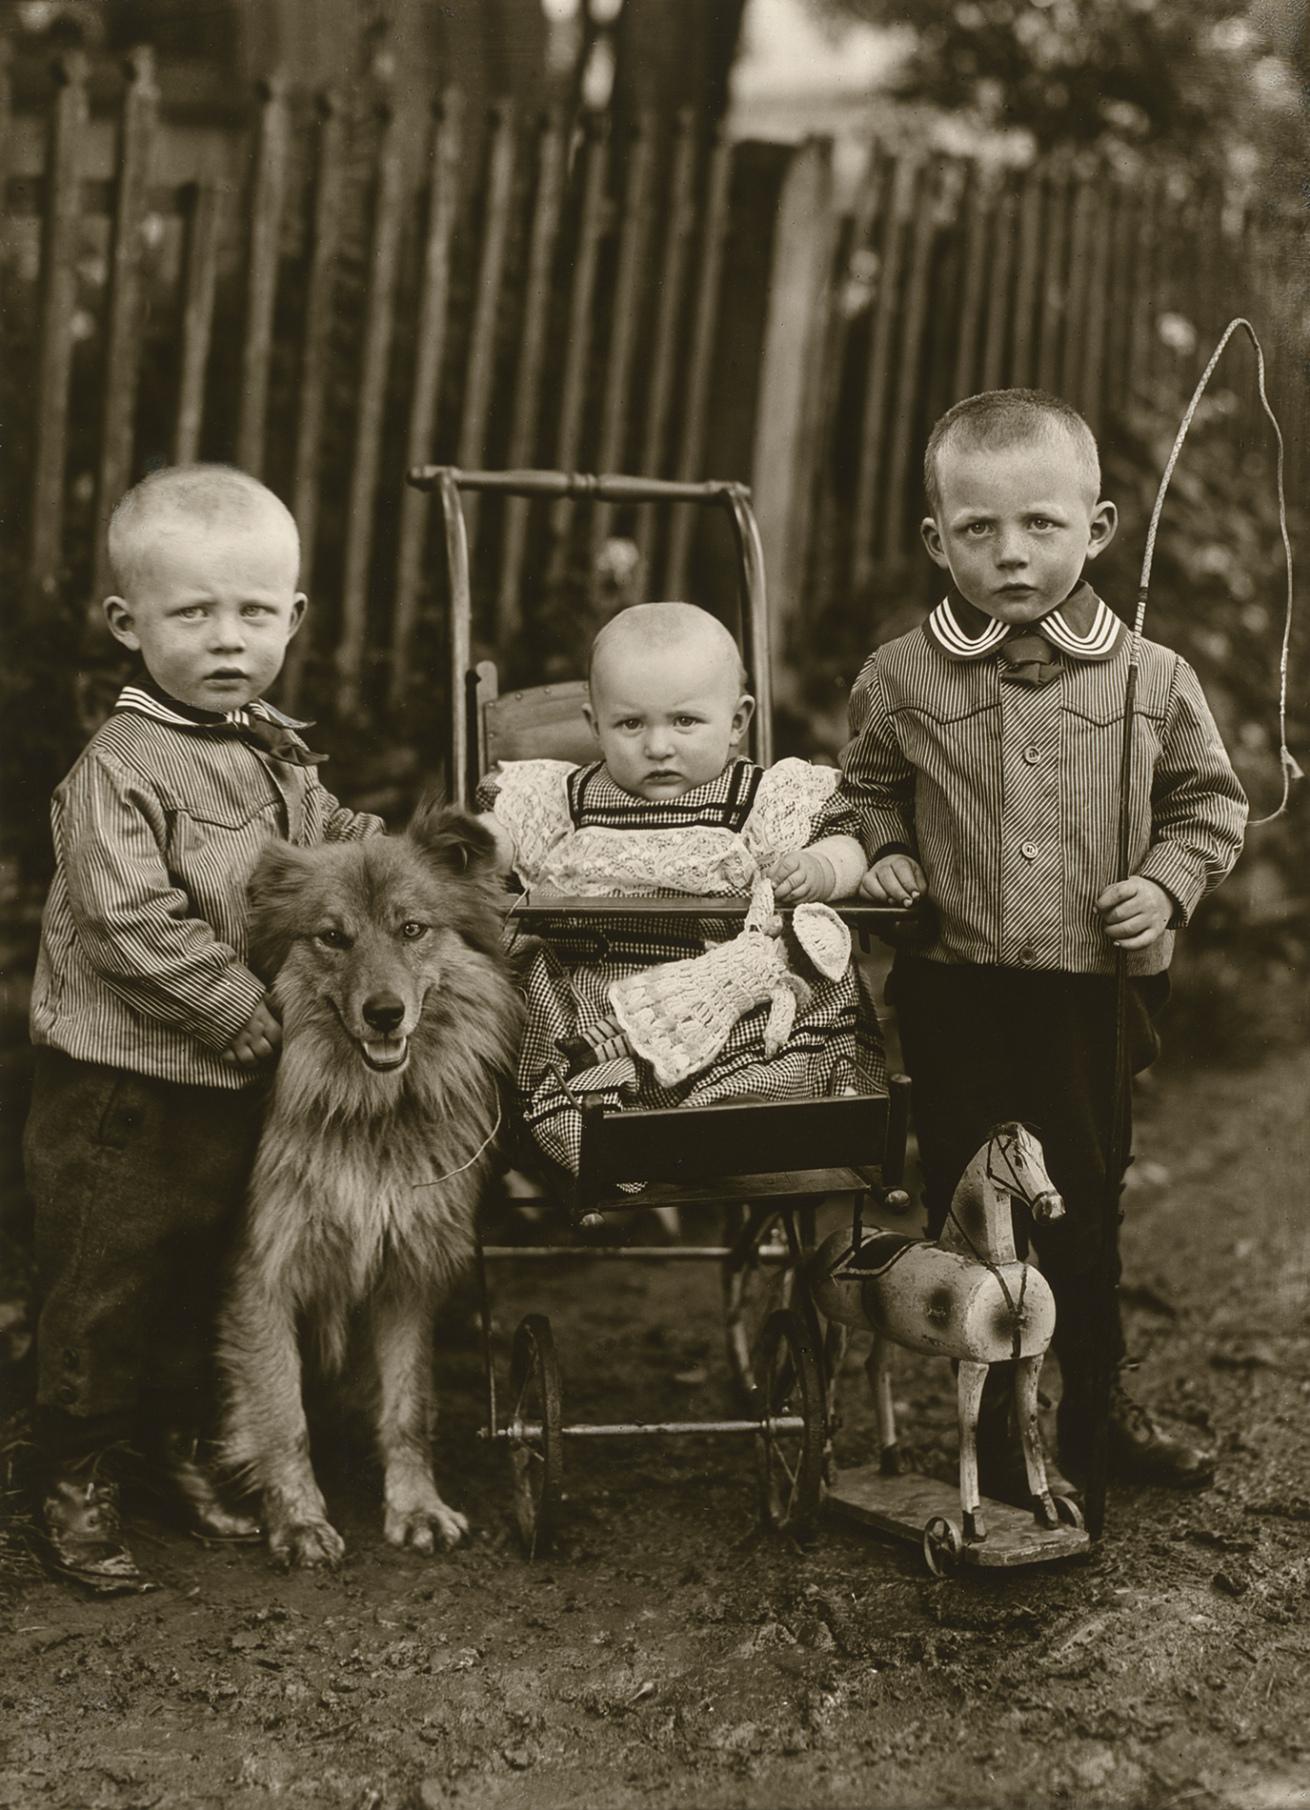 Fotó: August Sander <br />Farm Children<br />1913<br />Gelatin silver print<br />© Die Photographische Sammlung/SK Stiftung Kultur – August Sander Archiv; VG Bild-Kunst, 2018